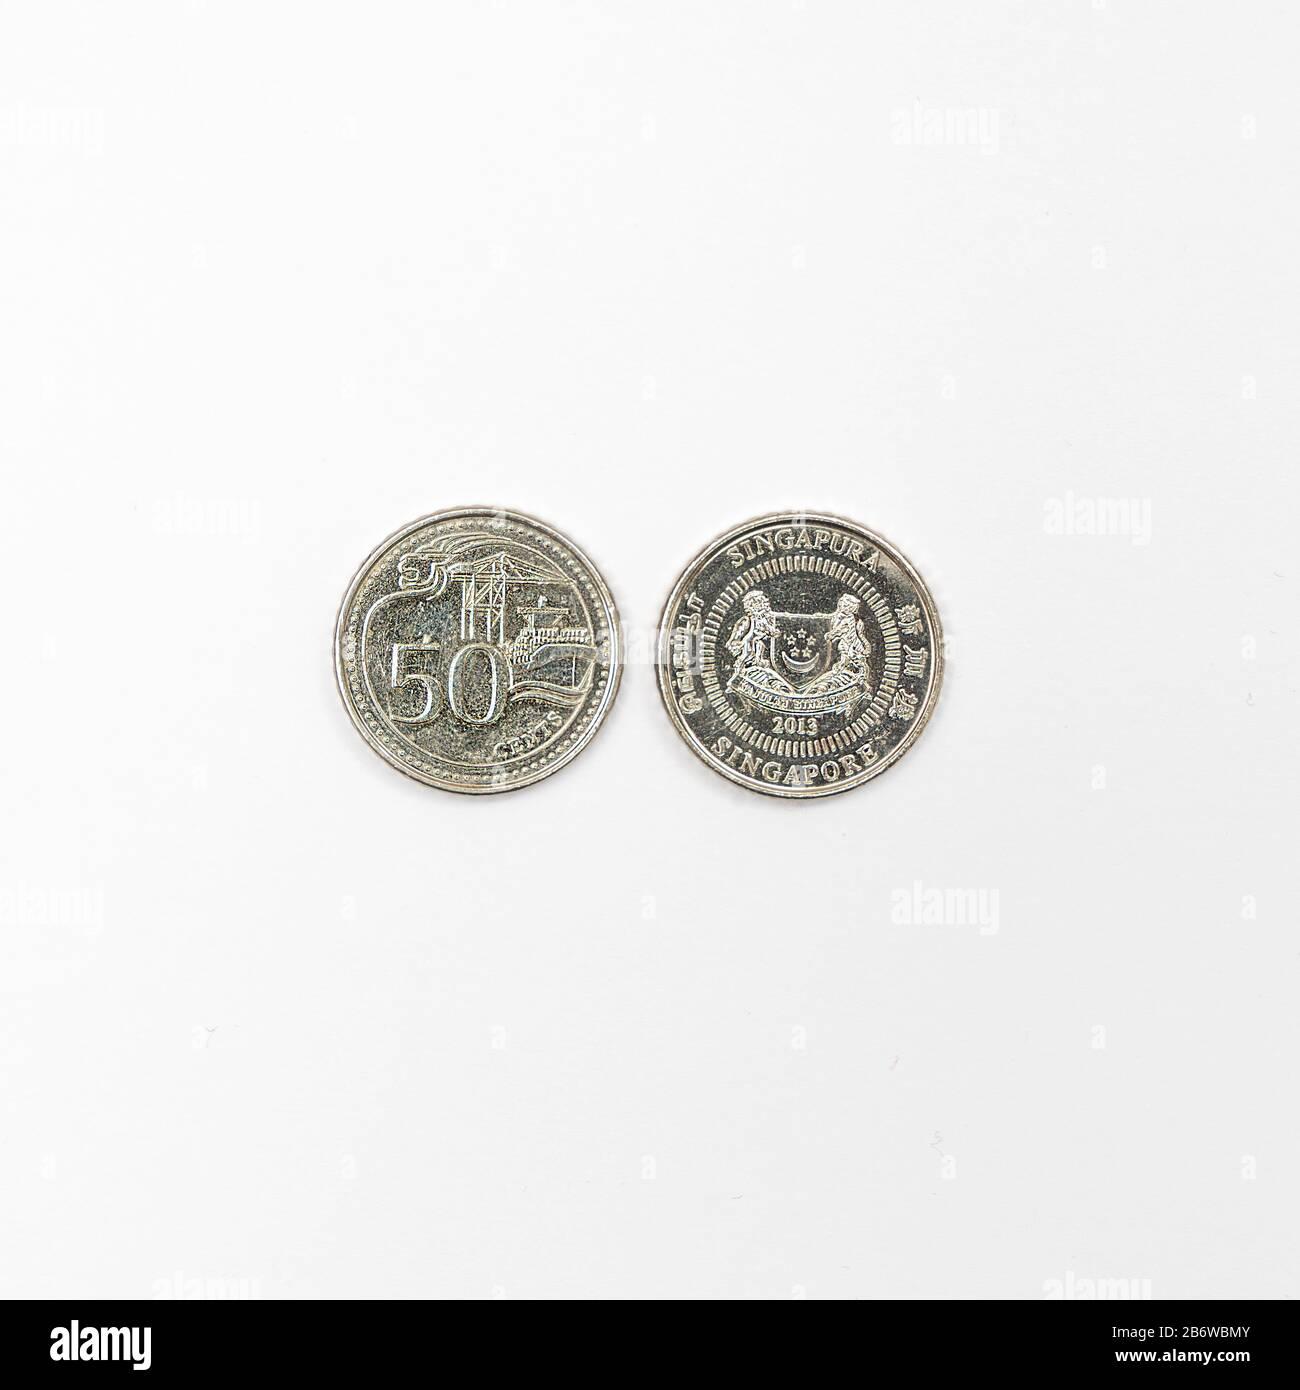 Quelques pièces en dollars singapouriens sur une surface blanche Banque D'Images